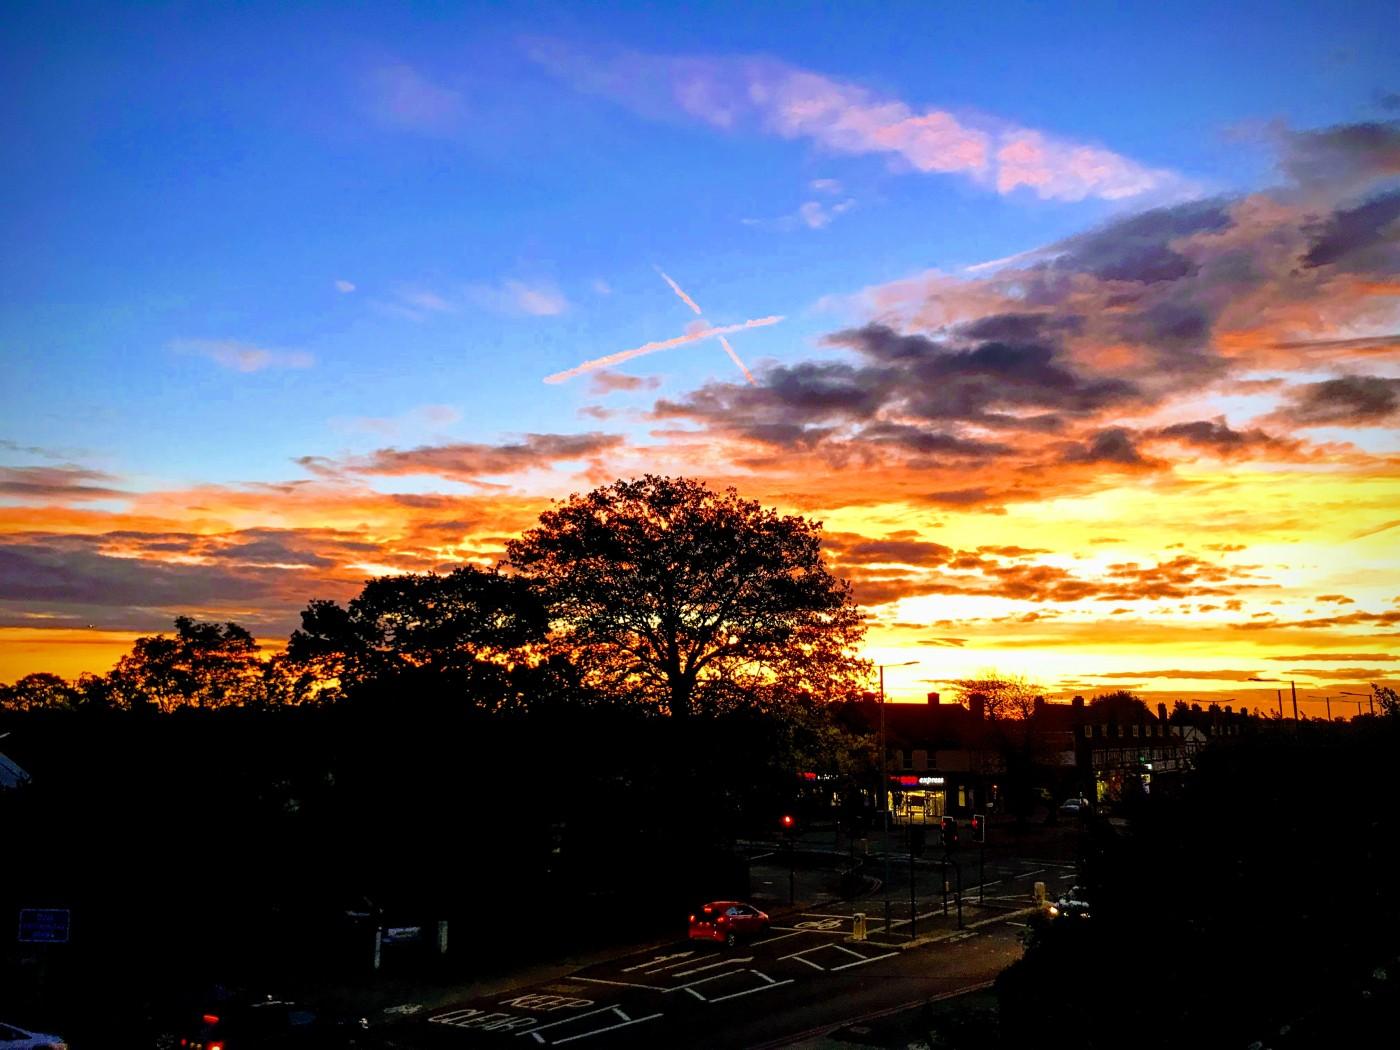 Sunset at Feltham!